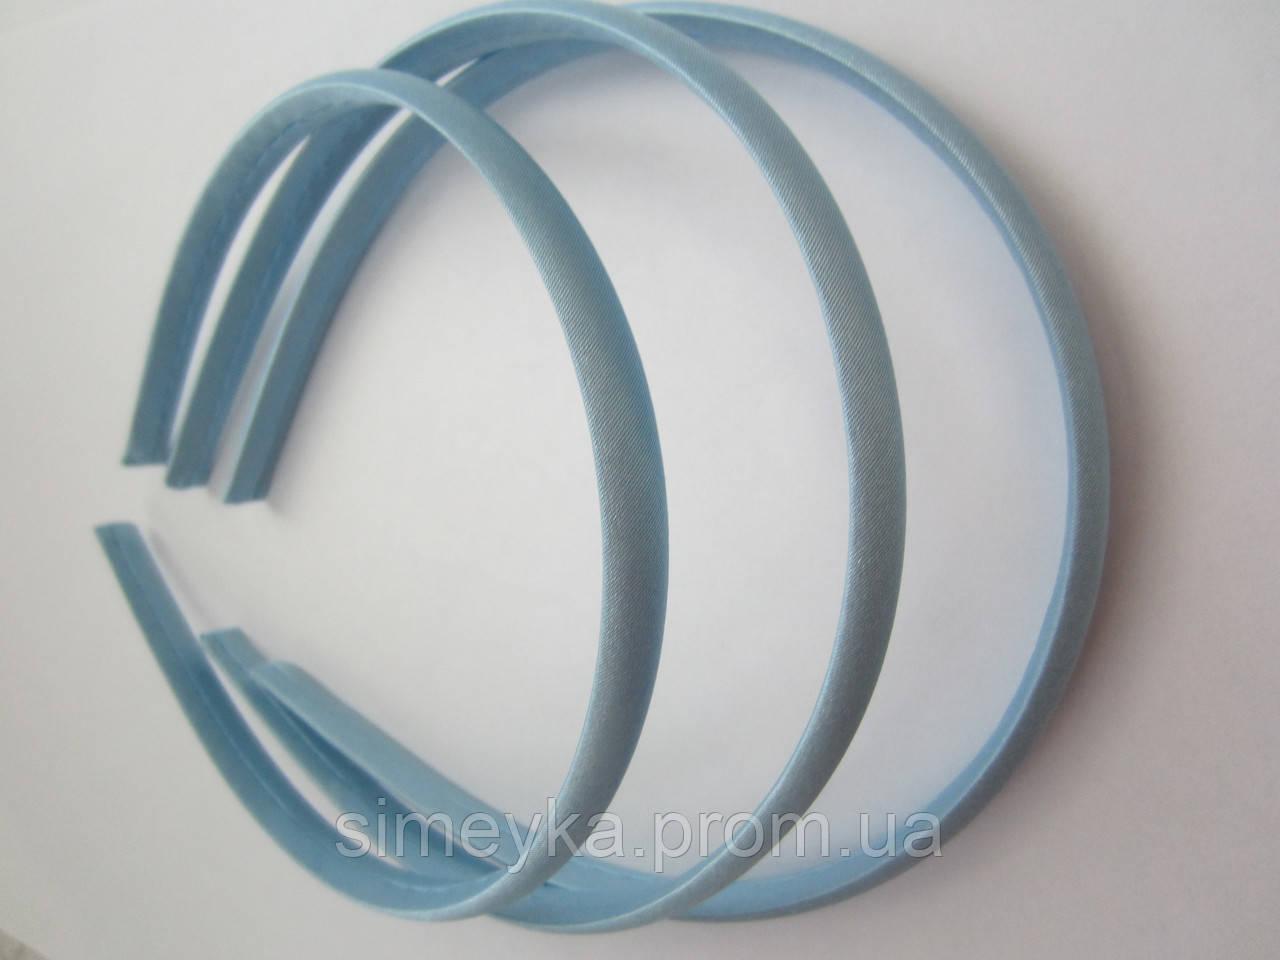 Обруч для волос пластиковый в атласе, 1 см. Голубой